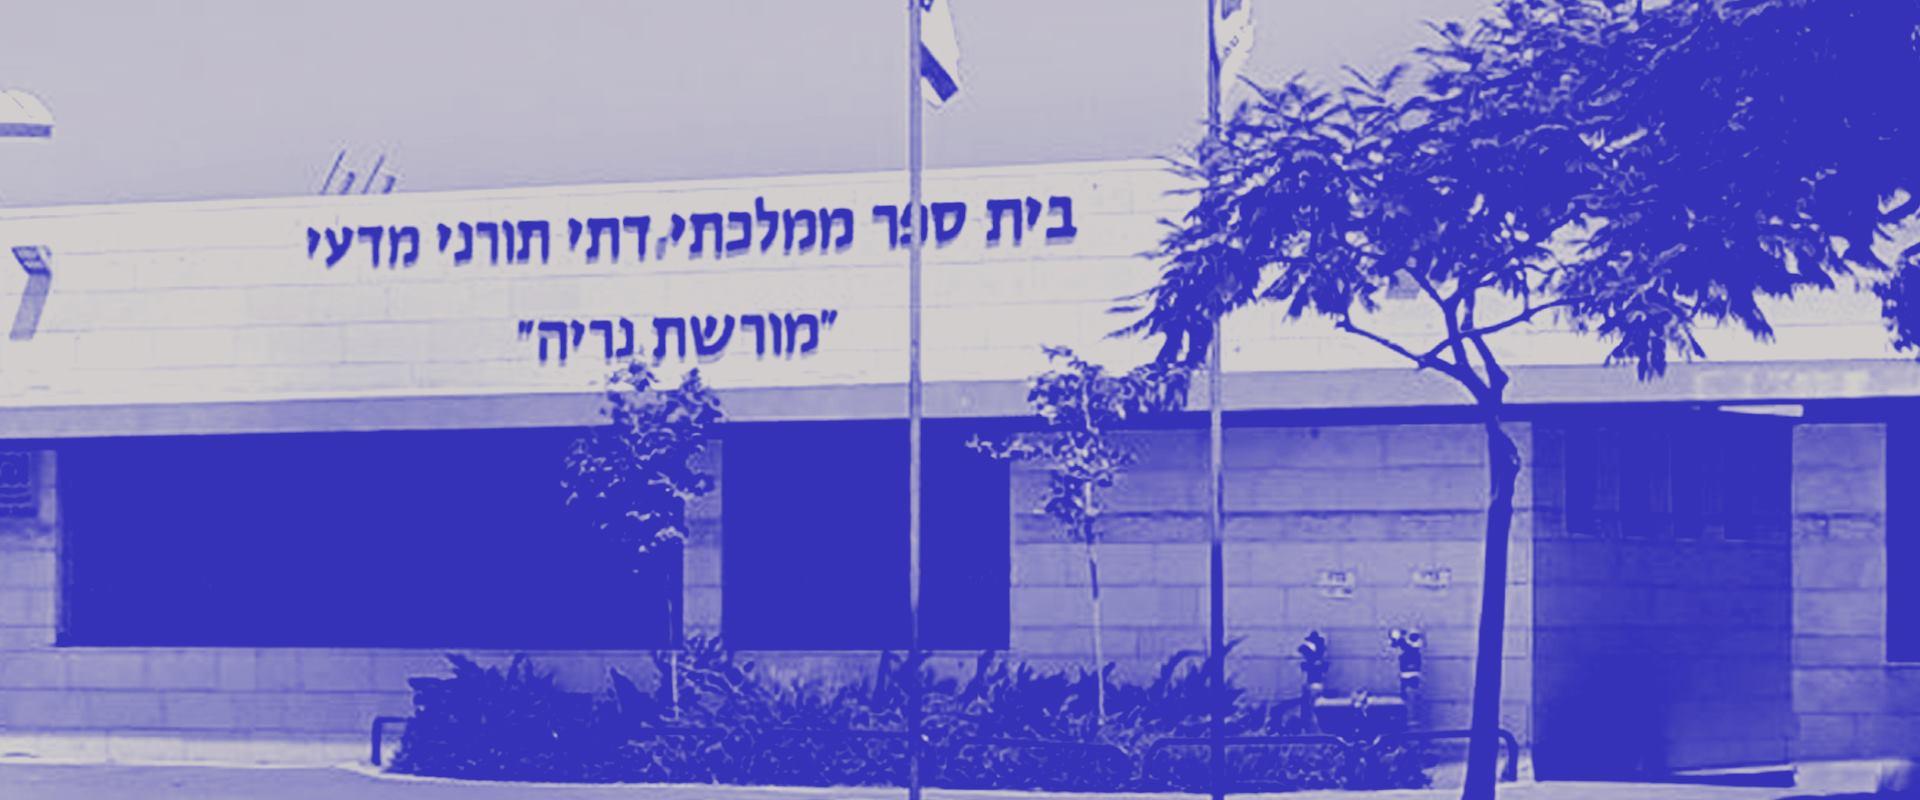 בית הספר מורשת נריה בגבעת שמואל